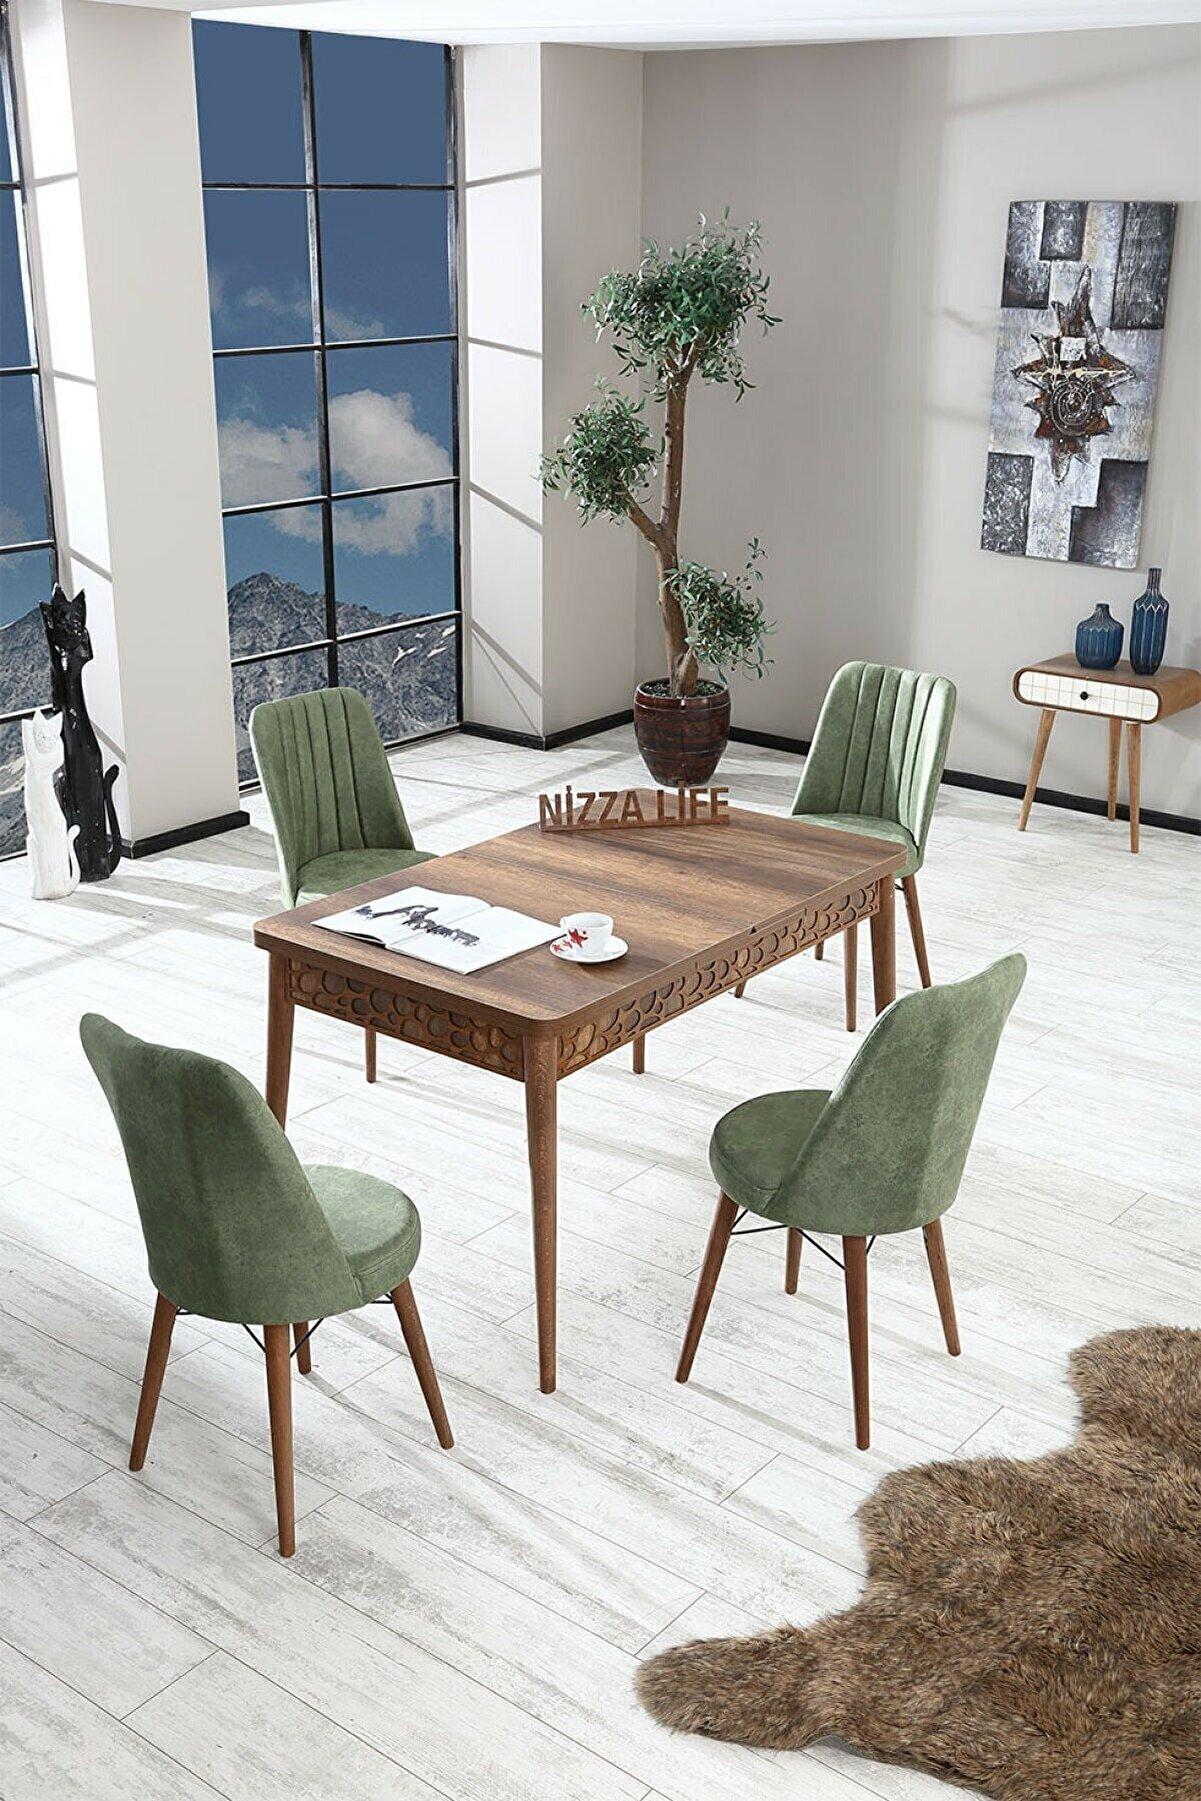 Alıcıoğlu Avm Nossa Mini Barok Ceviz Yemek Masası Mutfak Masası Açılır Masa Takımı 4 Sandanyeli - Haki Yeşili